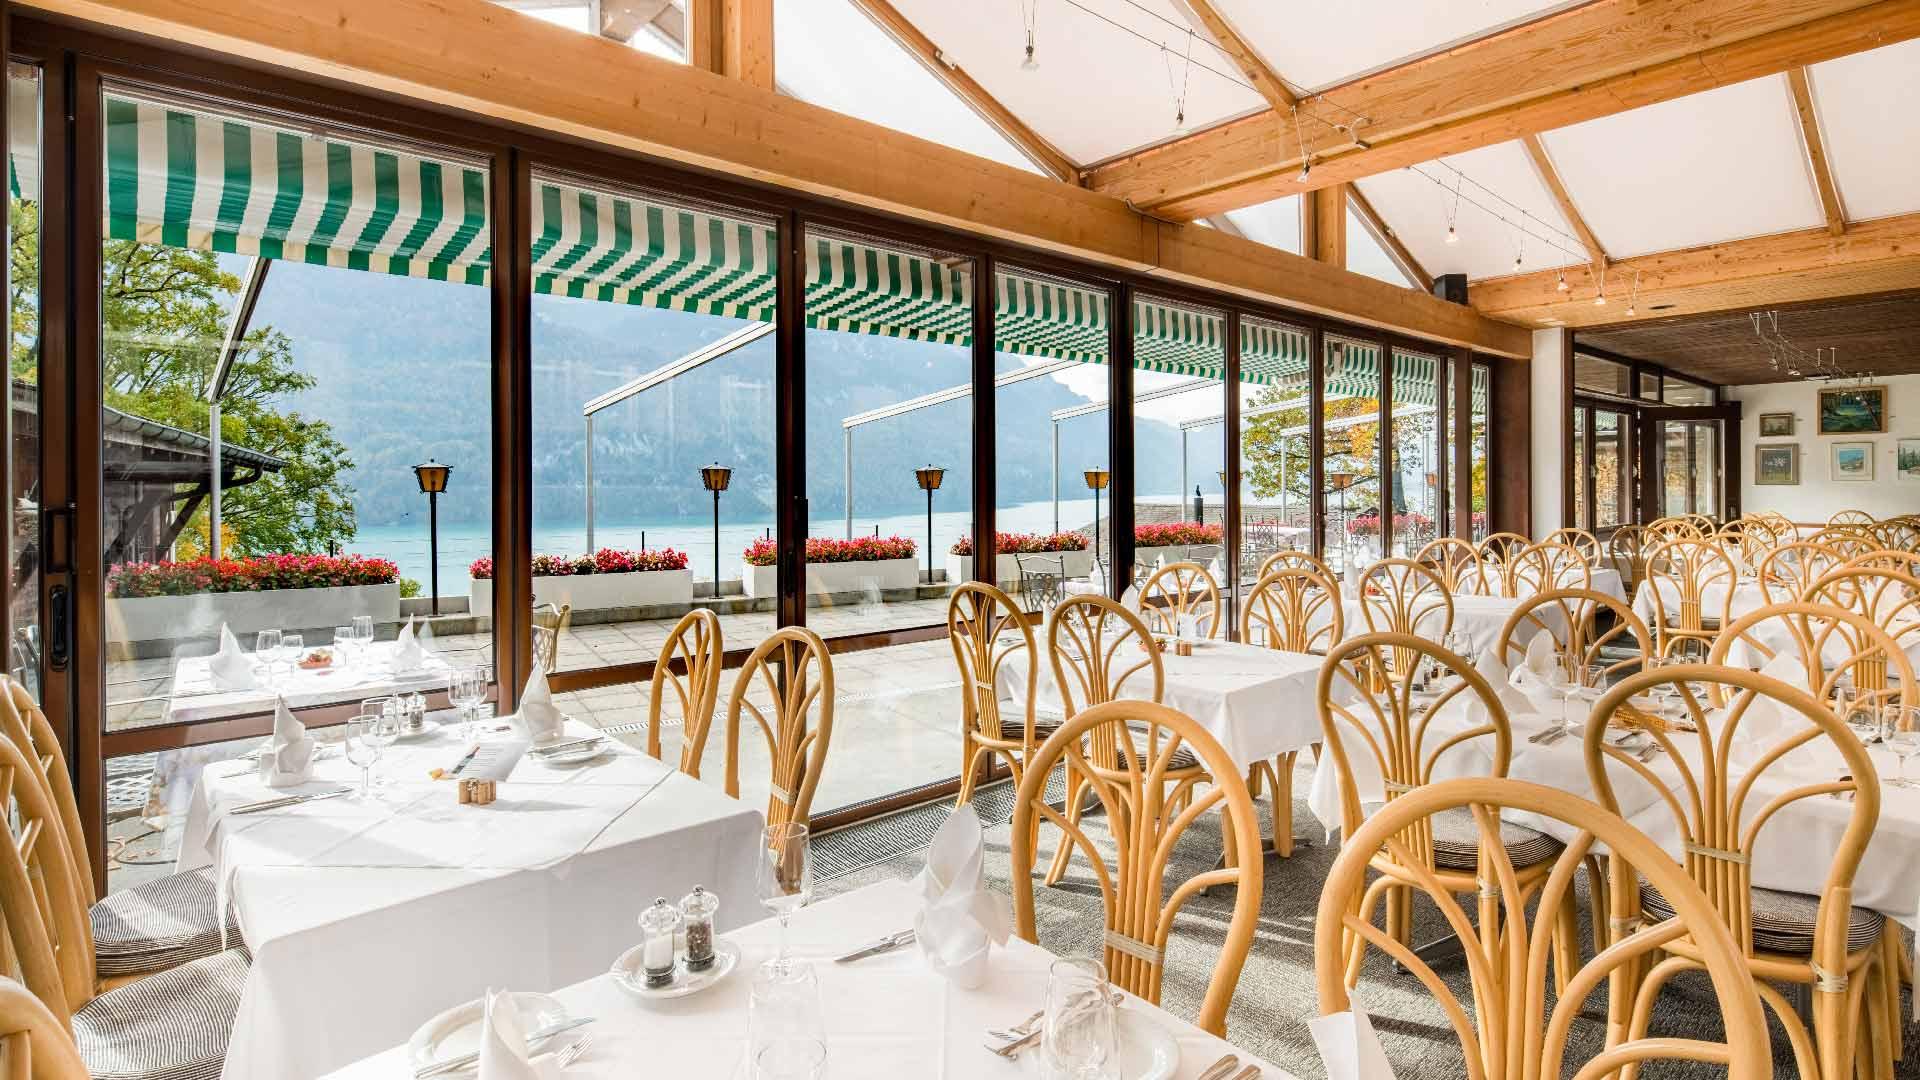 lindenhof-brienz-restaurant-wintergarten